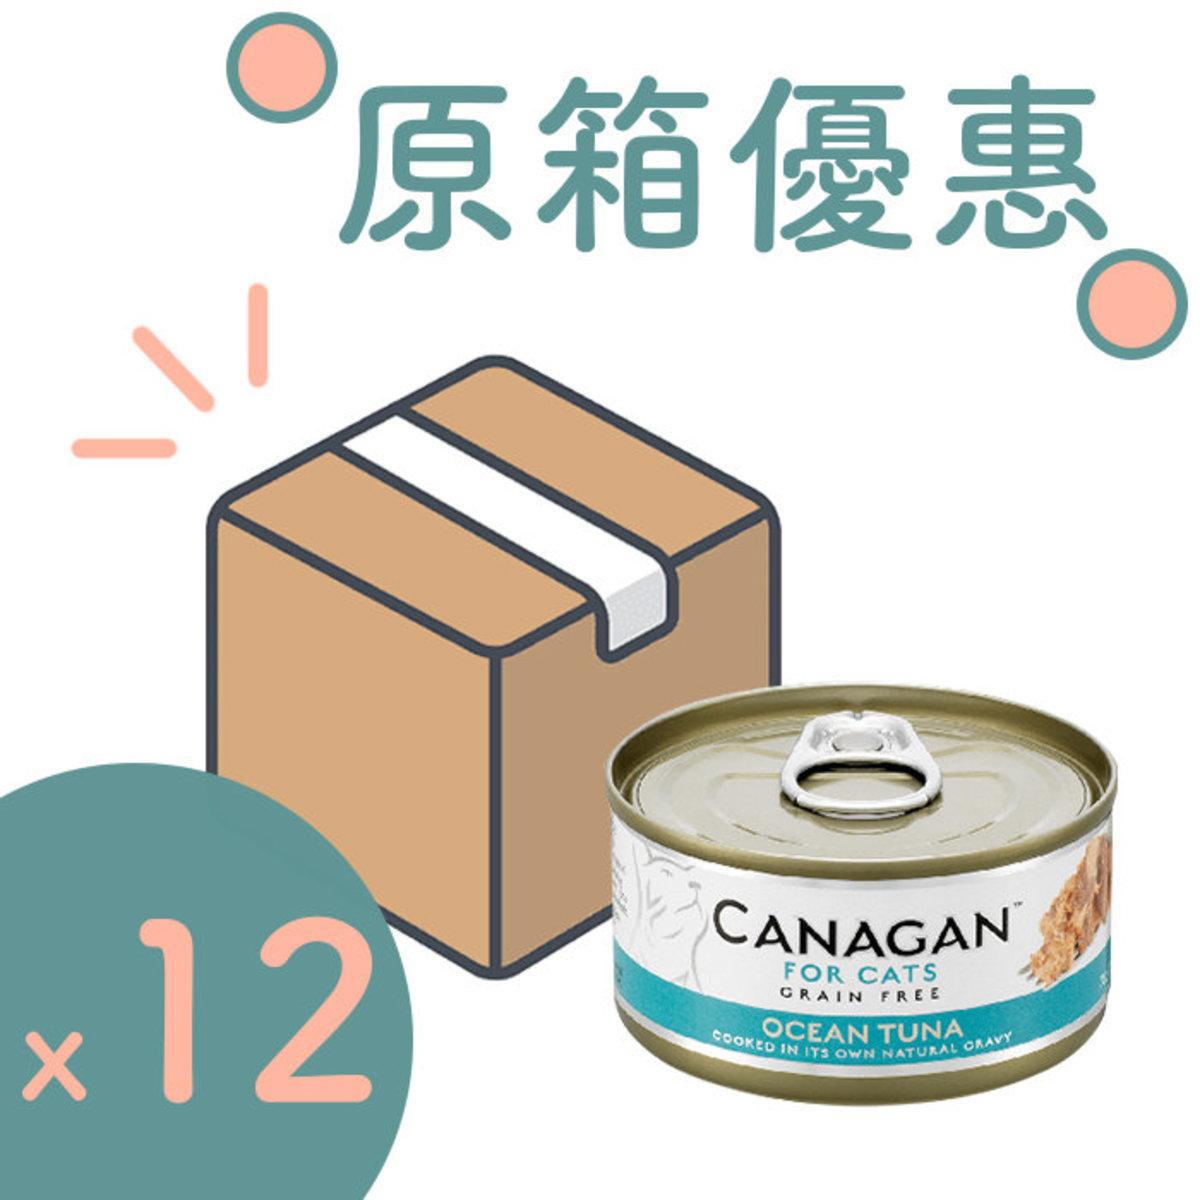 [12PCS BOX] Cat Canned Non-grain Tuna 75g